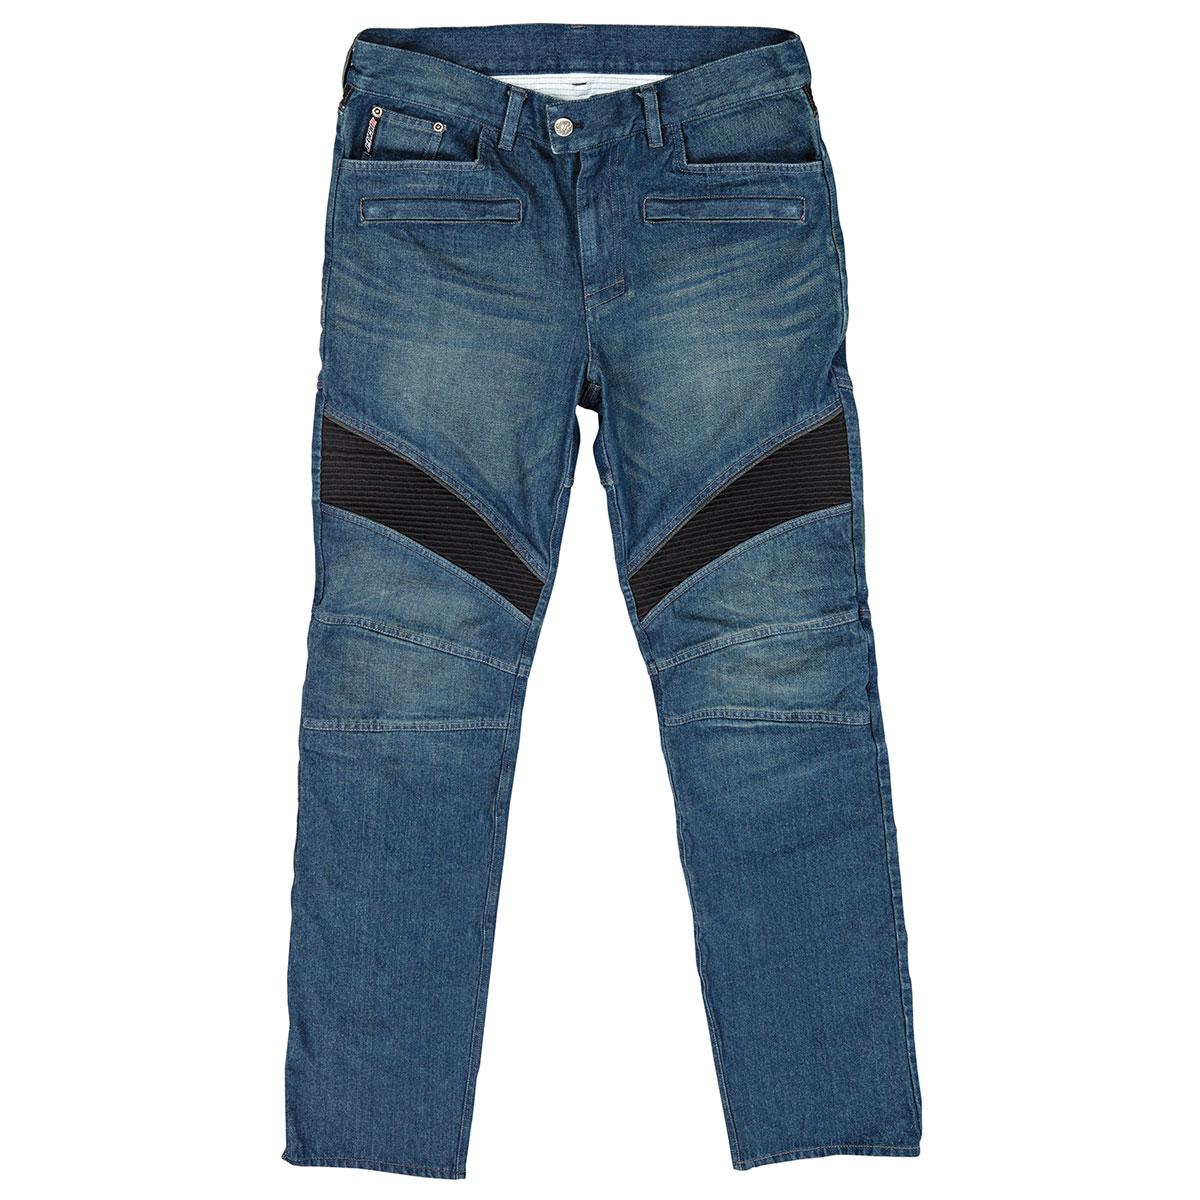 Joe Rocket Men's Accelerator Blue Jeans